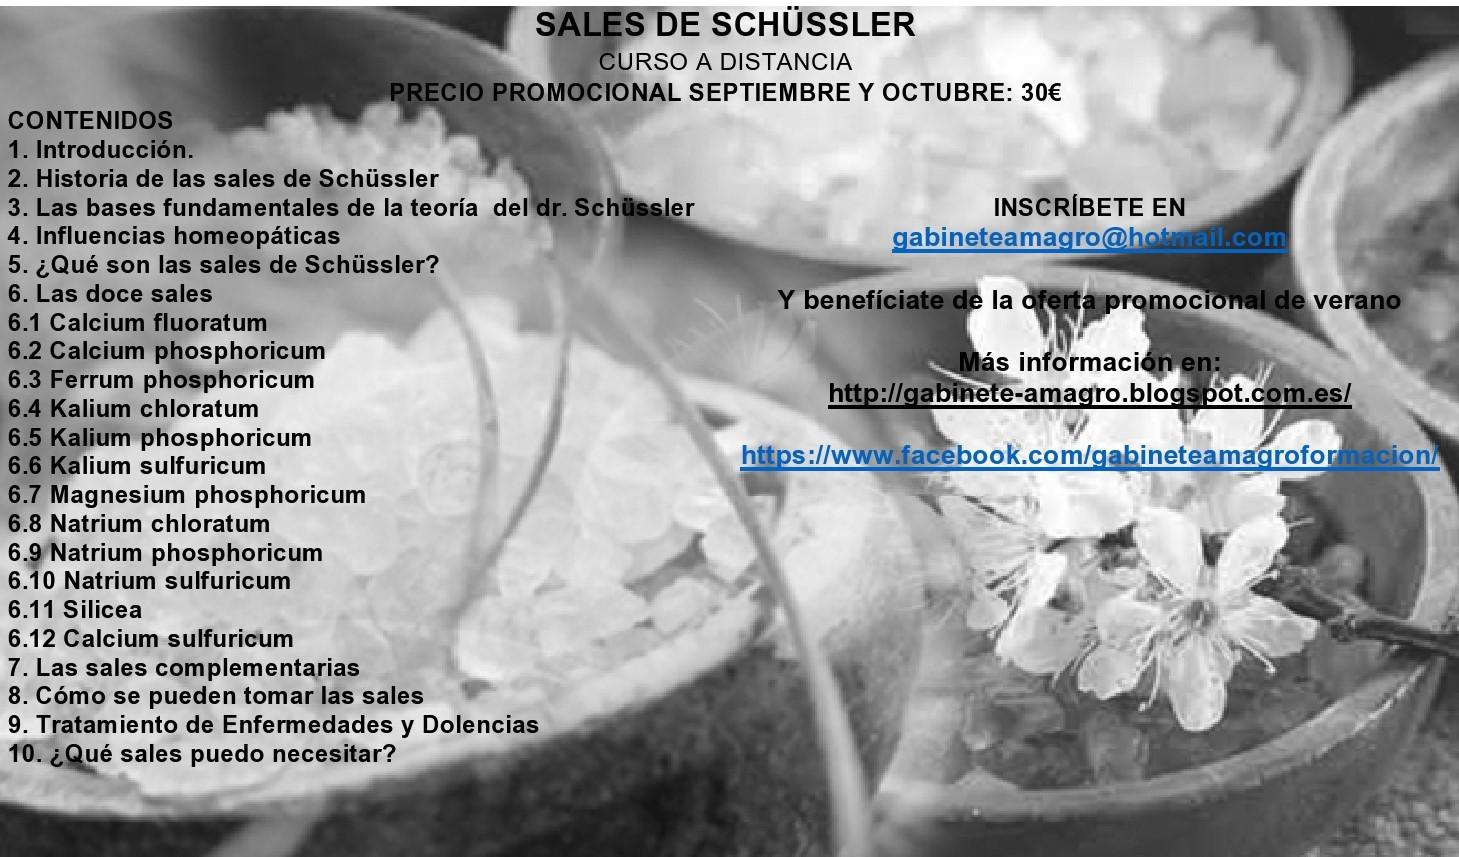 CURSO DE SALES DE SCHUSSLER A DISTANCIA - Las Palmas